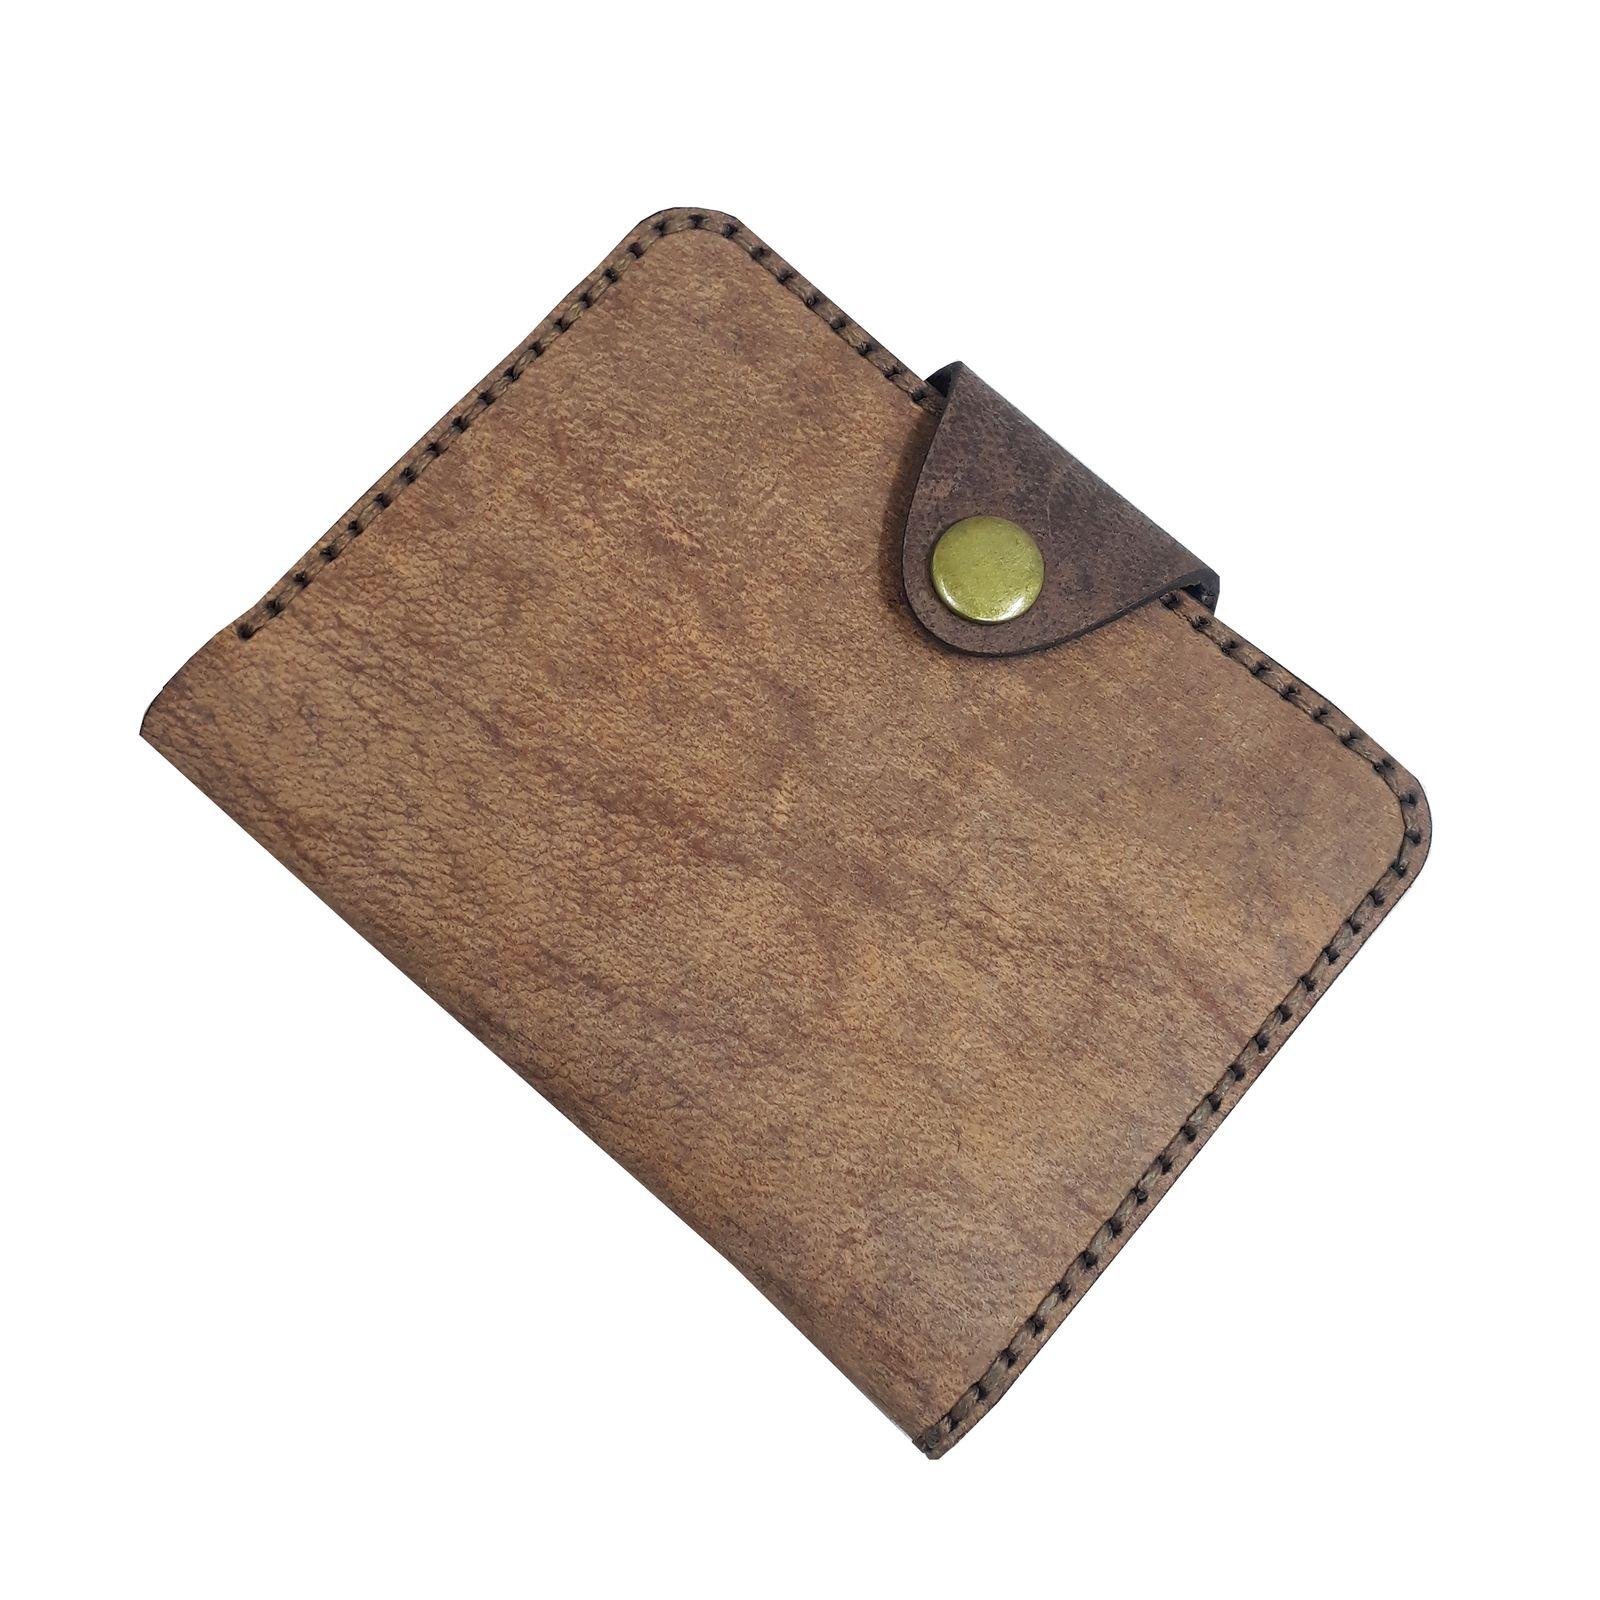 کیف پول مردانه چرم بارثاوا کد 1510 -  - 15